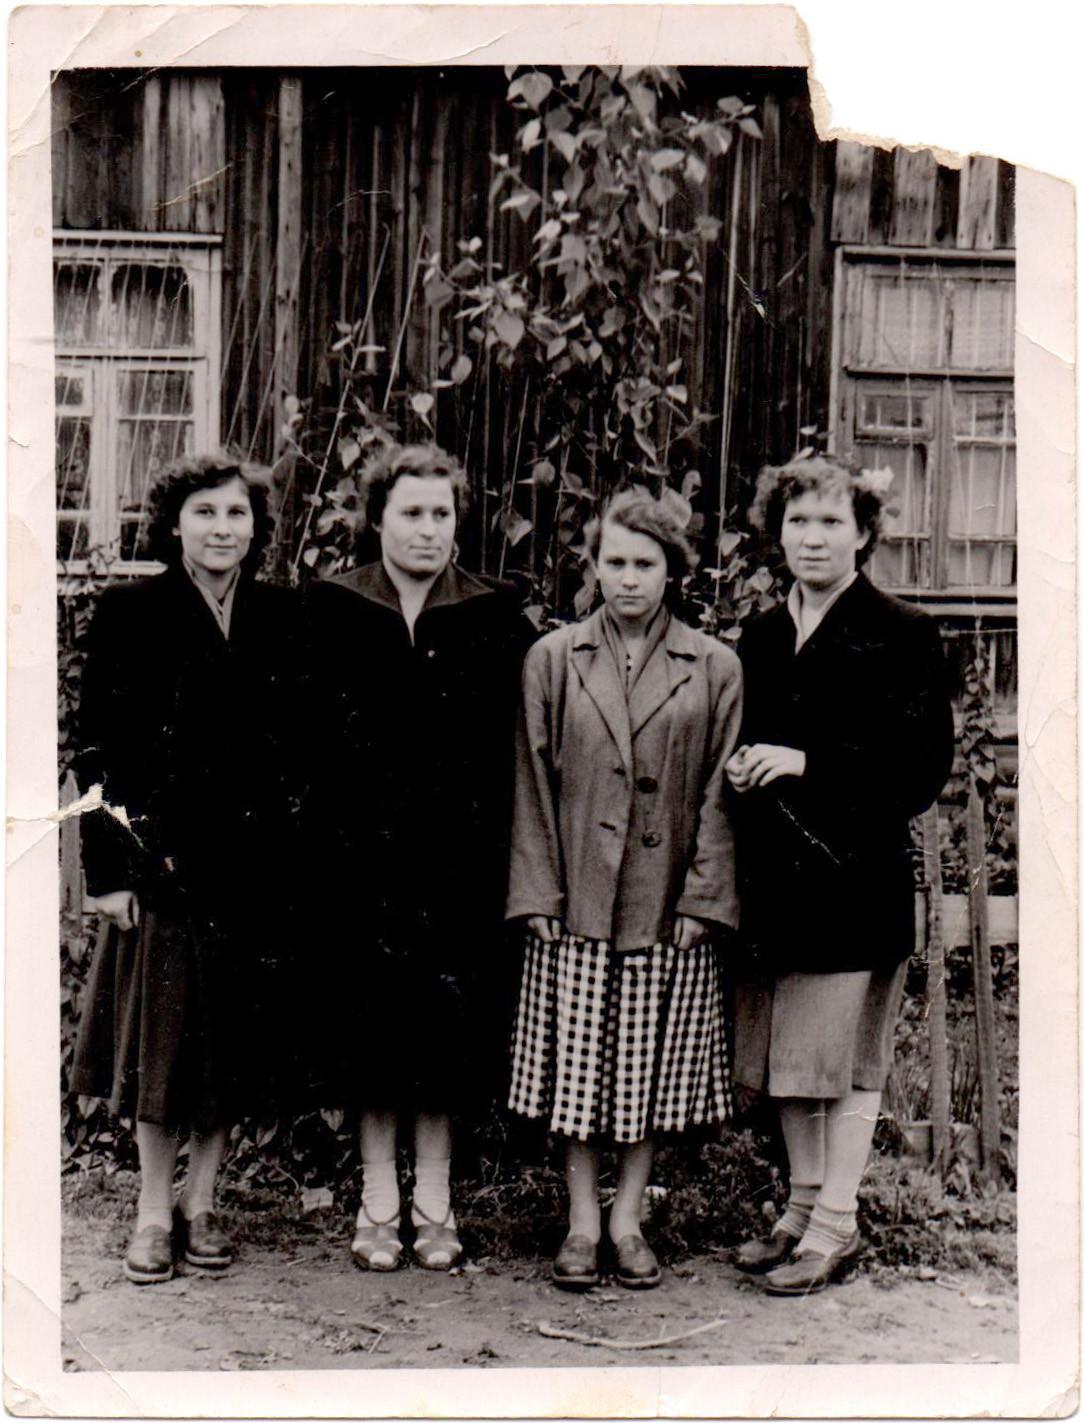 1950е у одного из бараков ОКЗ на ул. Калинина (Марии Поливановой)